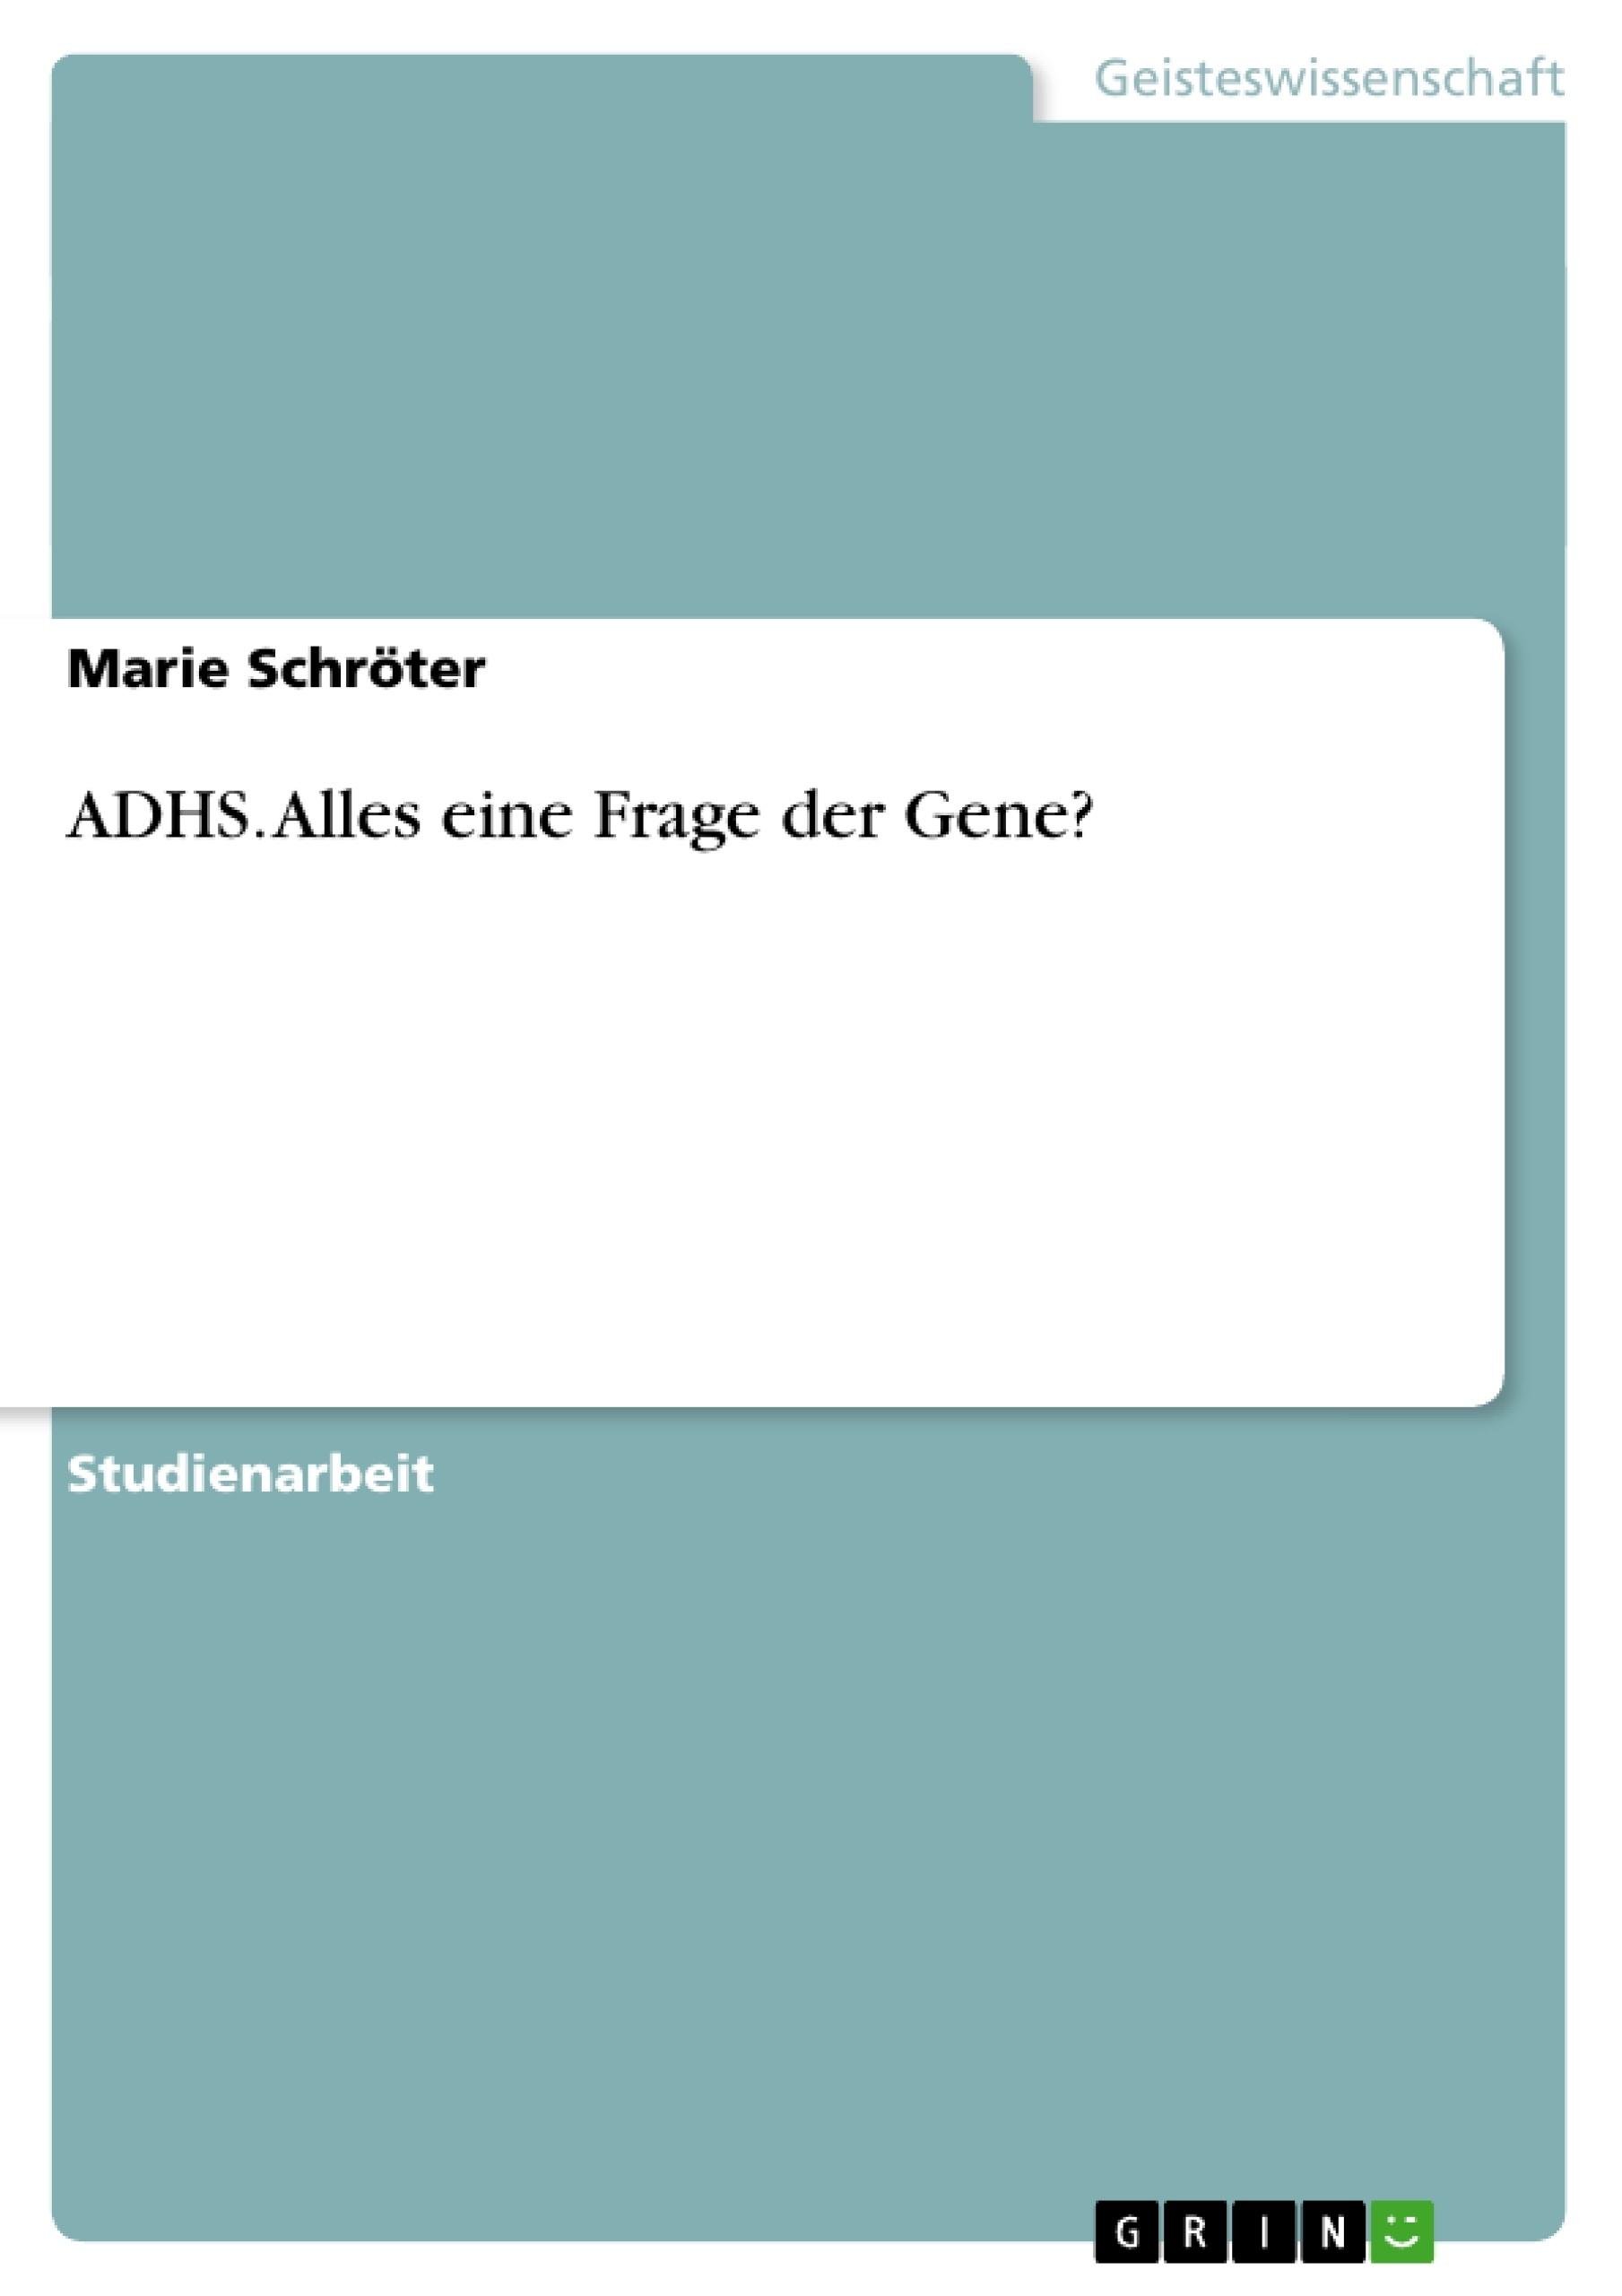 Titel: ADHS. Alles eine Frage der Gene?